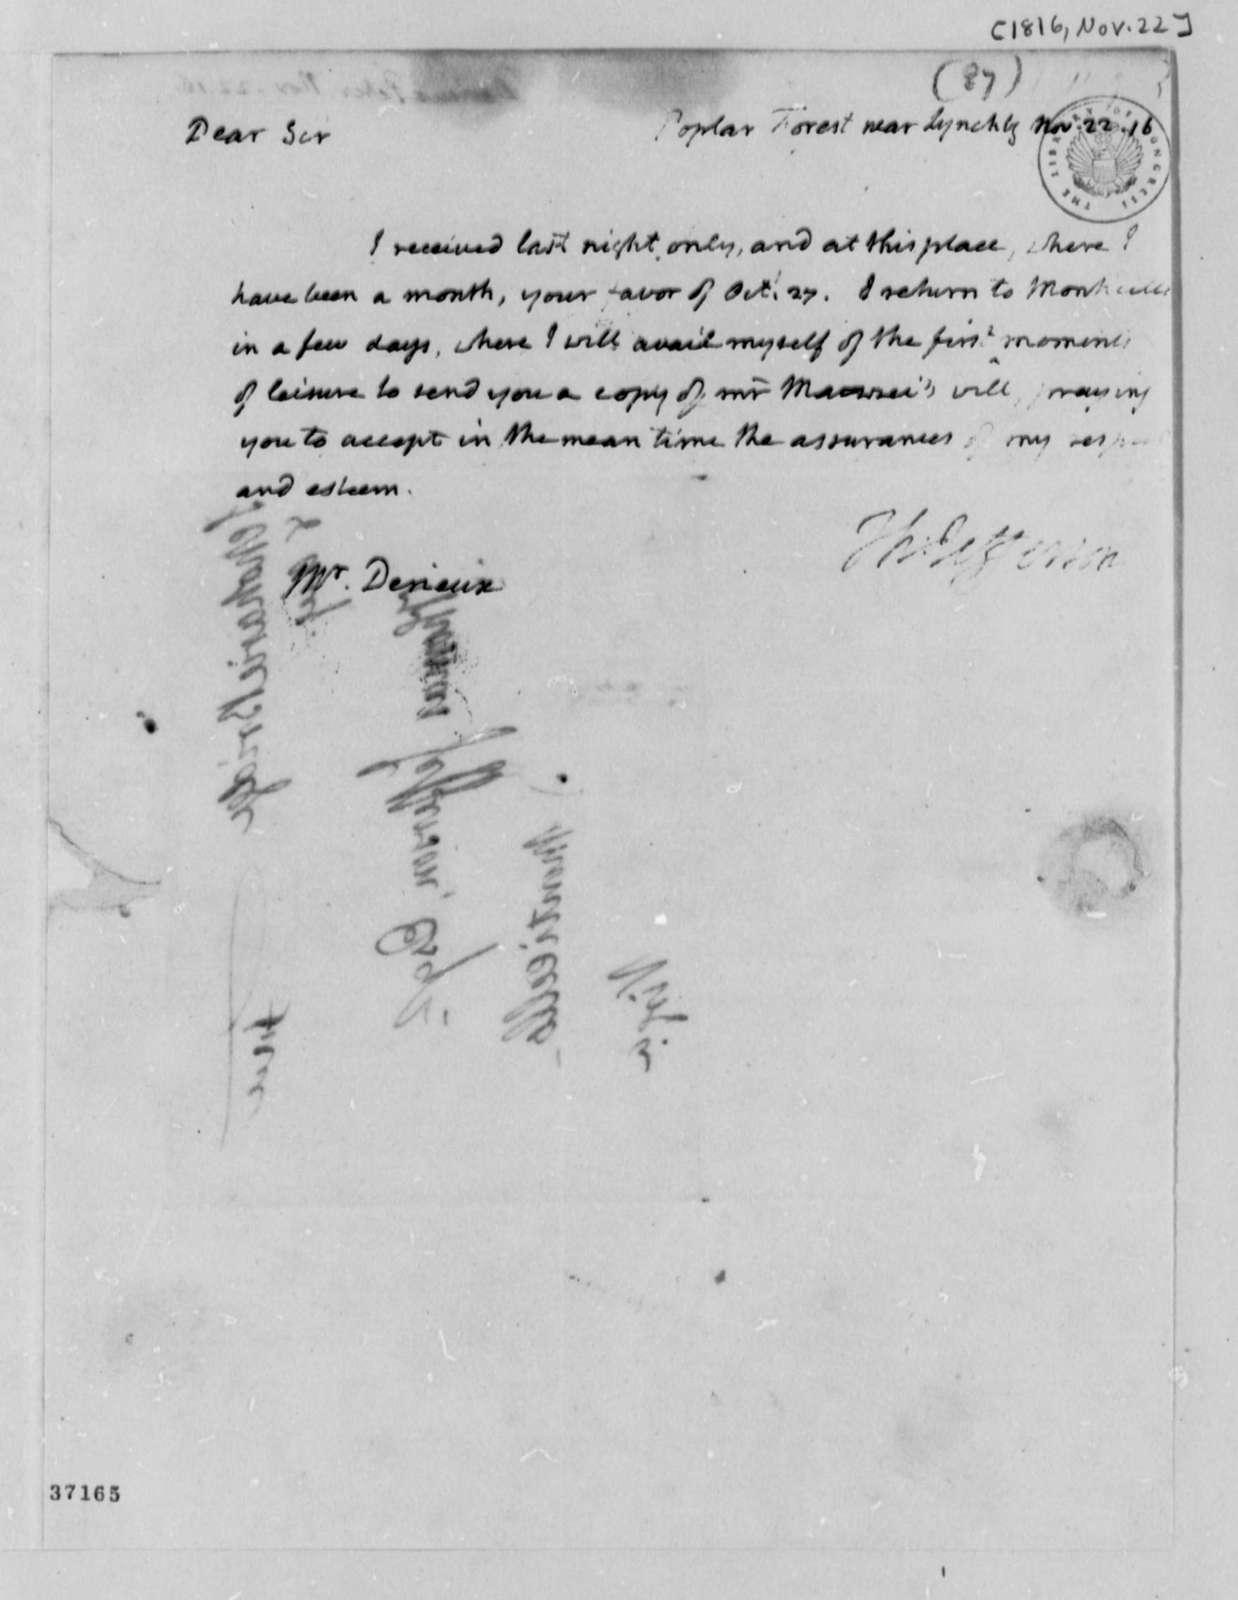 Thomas Jefferson to Justin Pierre Plumard Derieux, November 22, 1816